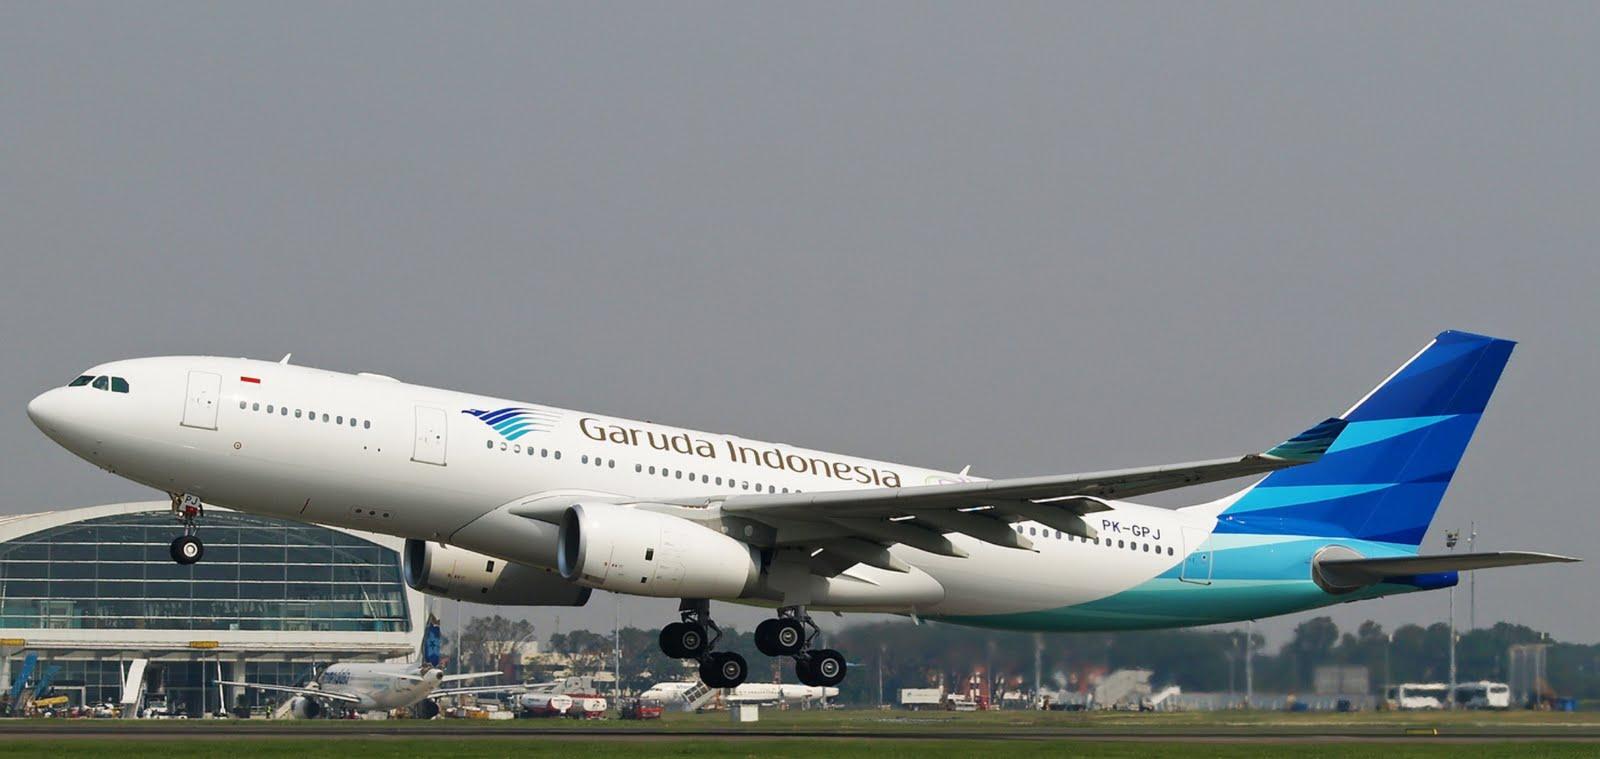 Garuda Indonesia Buka Lowongan Pekerjaan, Anda Berminat?